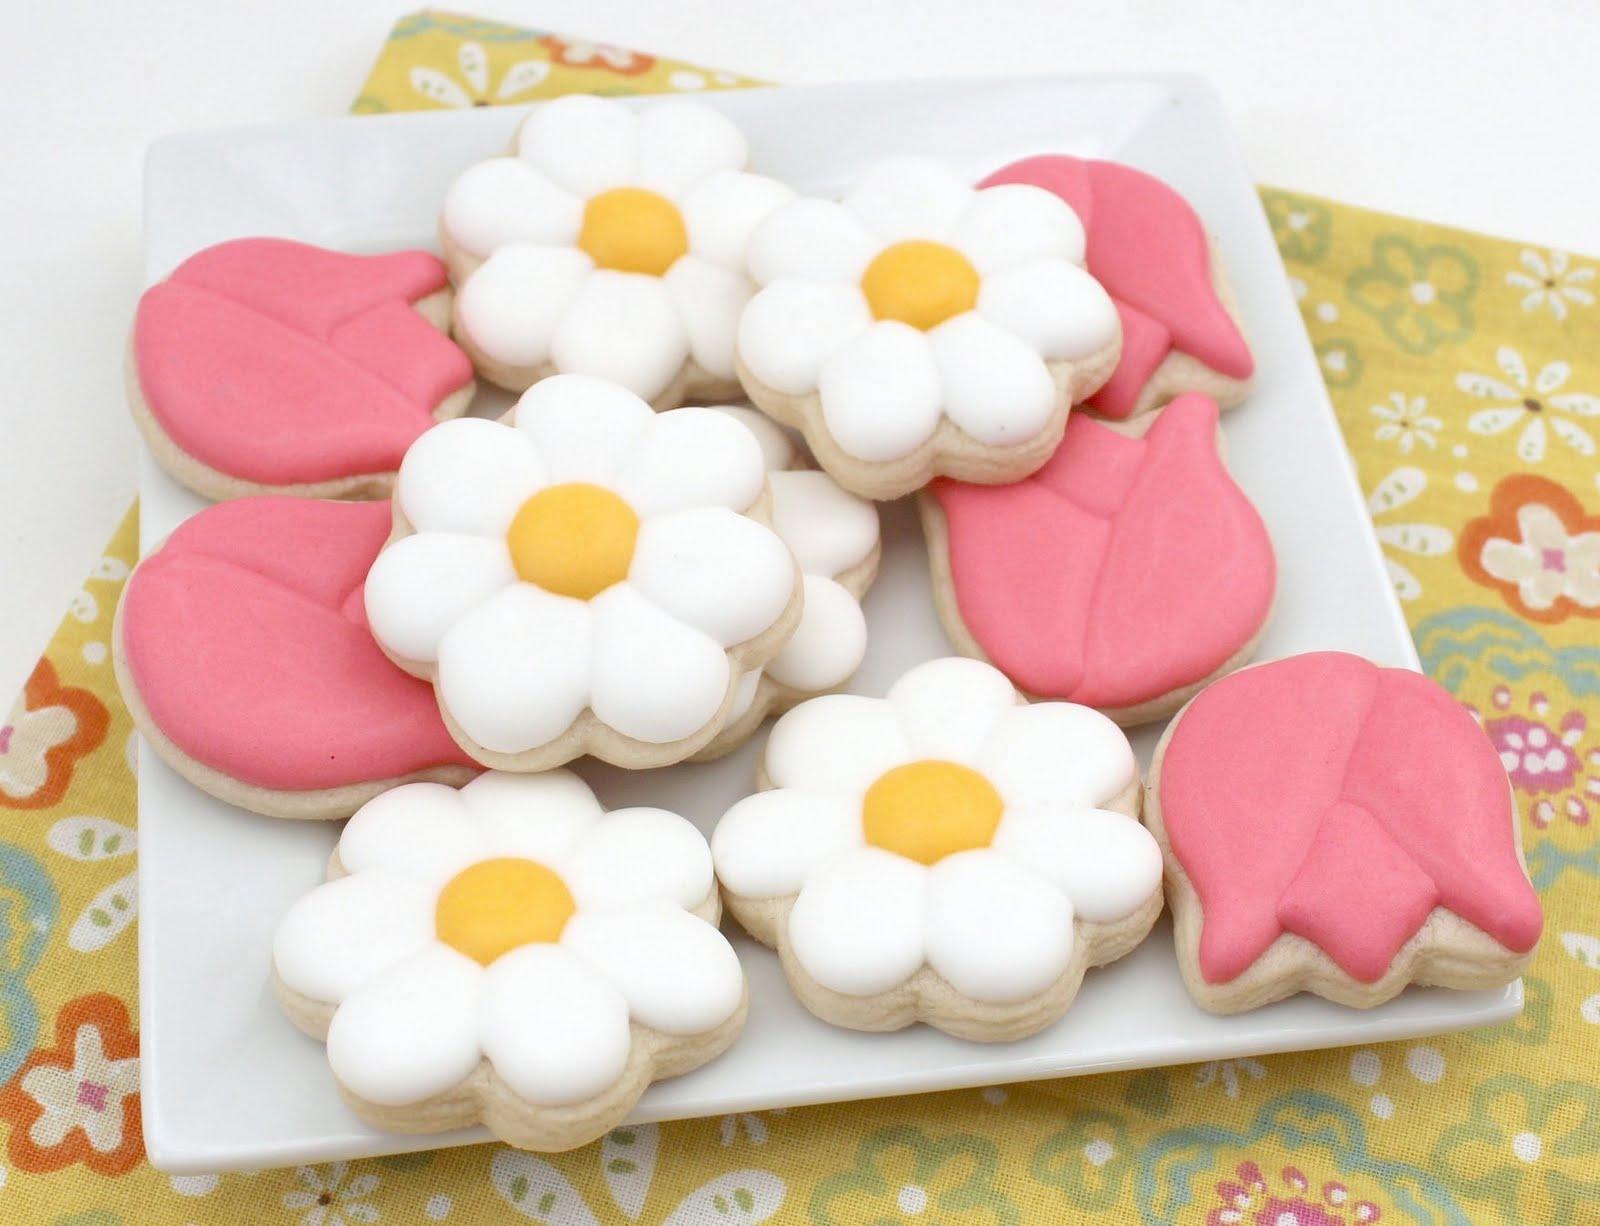 196 & Flowers in Pots Cookies - The Sweet Adventures of Sugar Belle